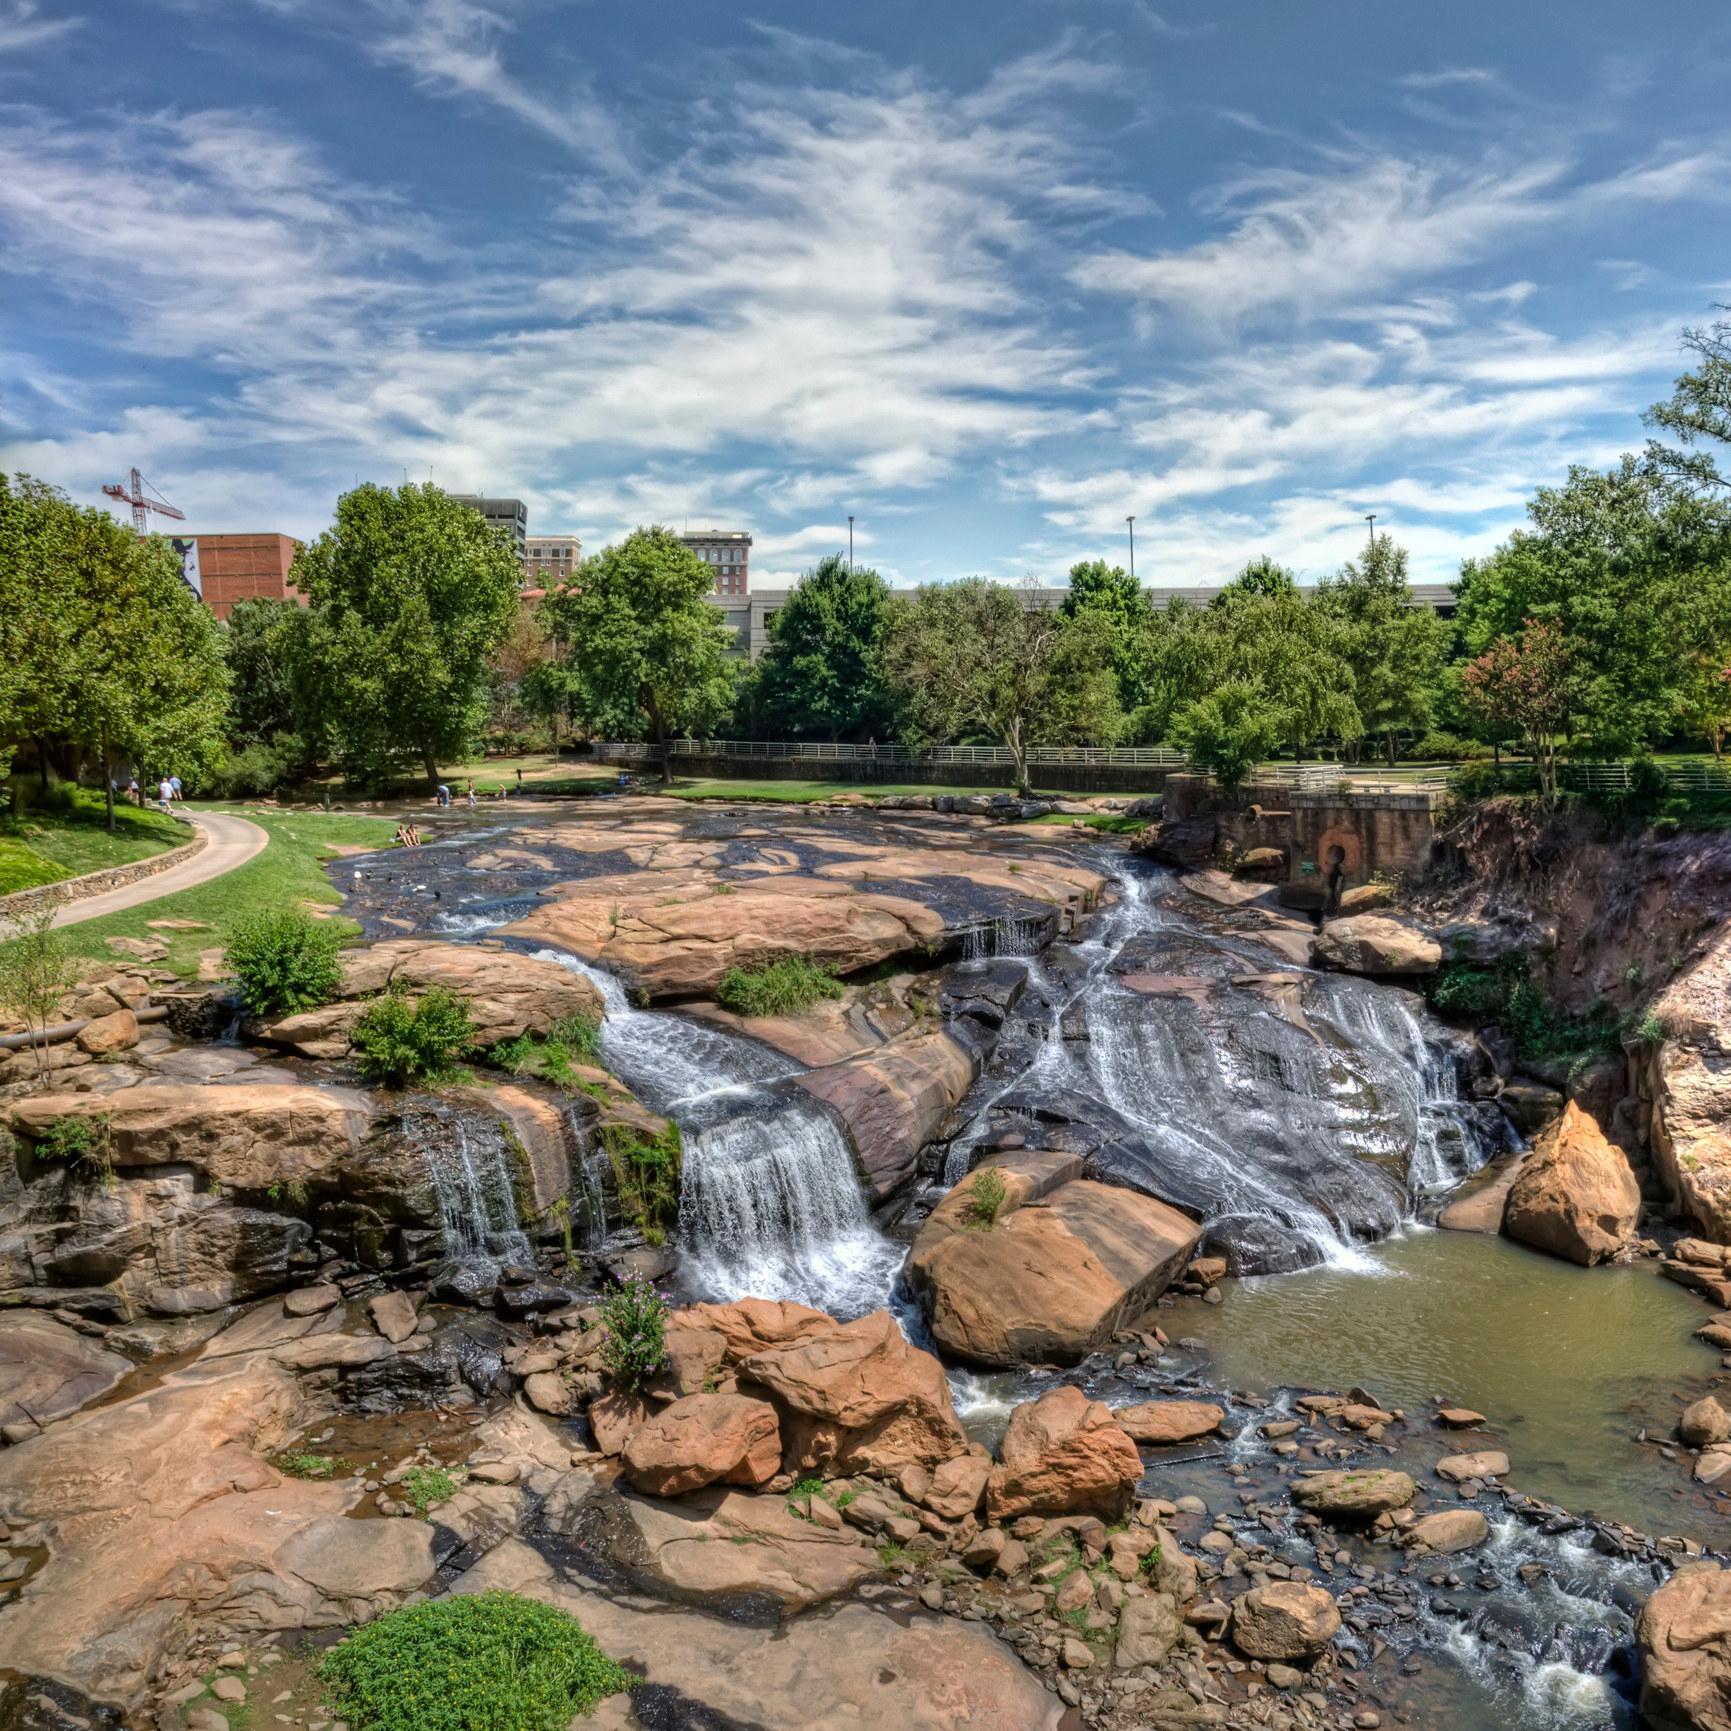 A waterfall in Greenville, SC.